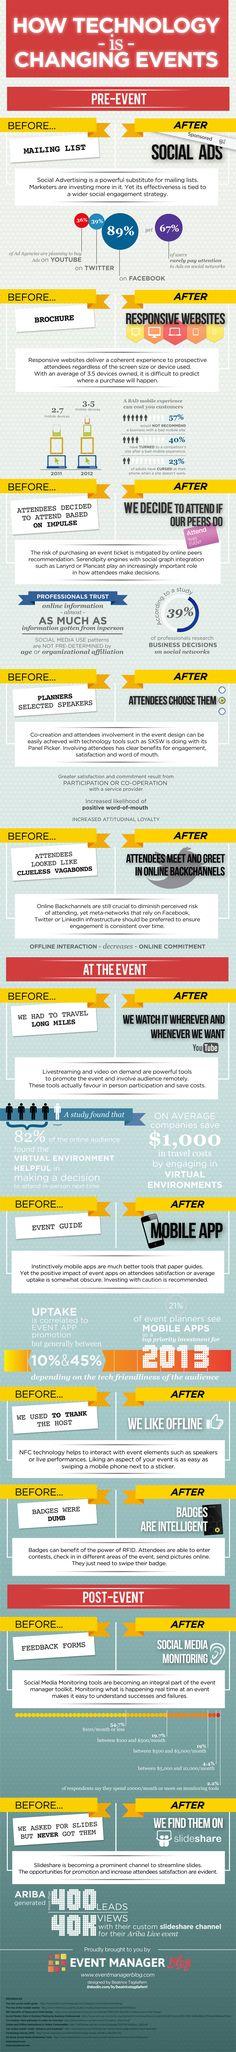 Cómo está cambiando la tecnología los eventos